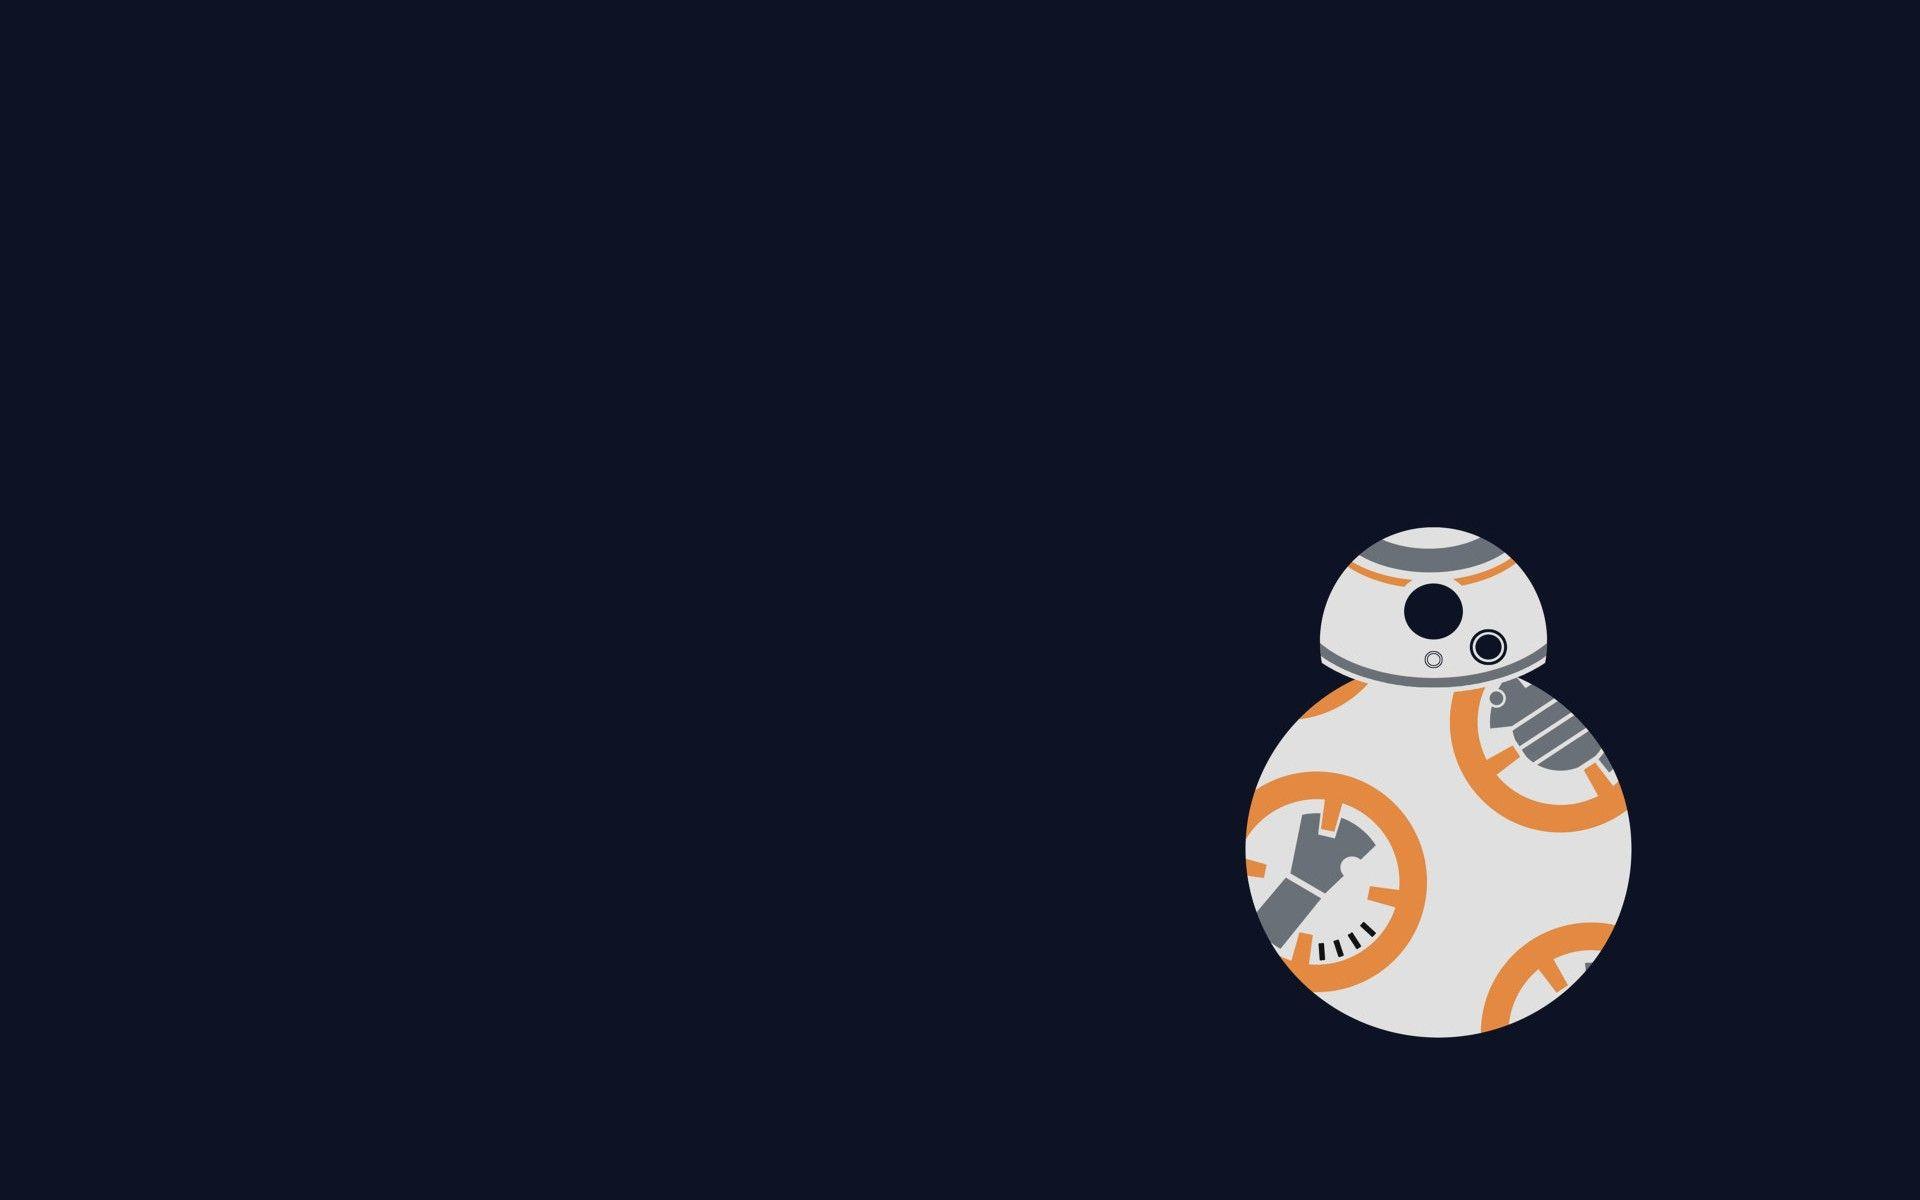 Star Wars Minimalist best Wallpaper